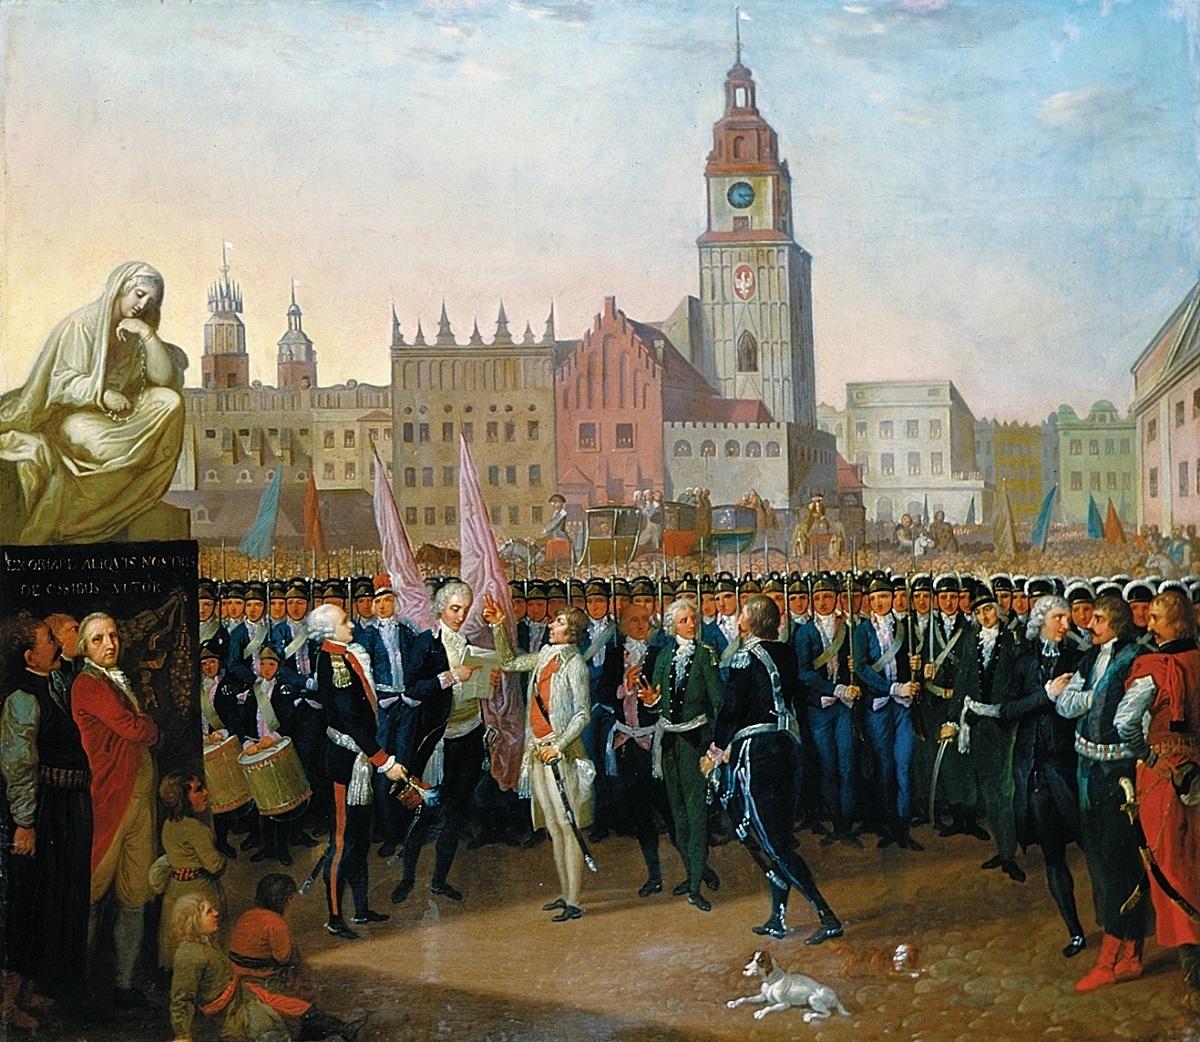 Kosciuszko prête serment de redonner son indépendance à la Pologne sur la place du marché de Cracovie - Toile de Franciszek Smuglewicz